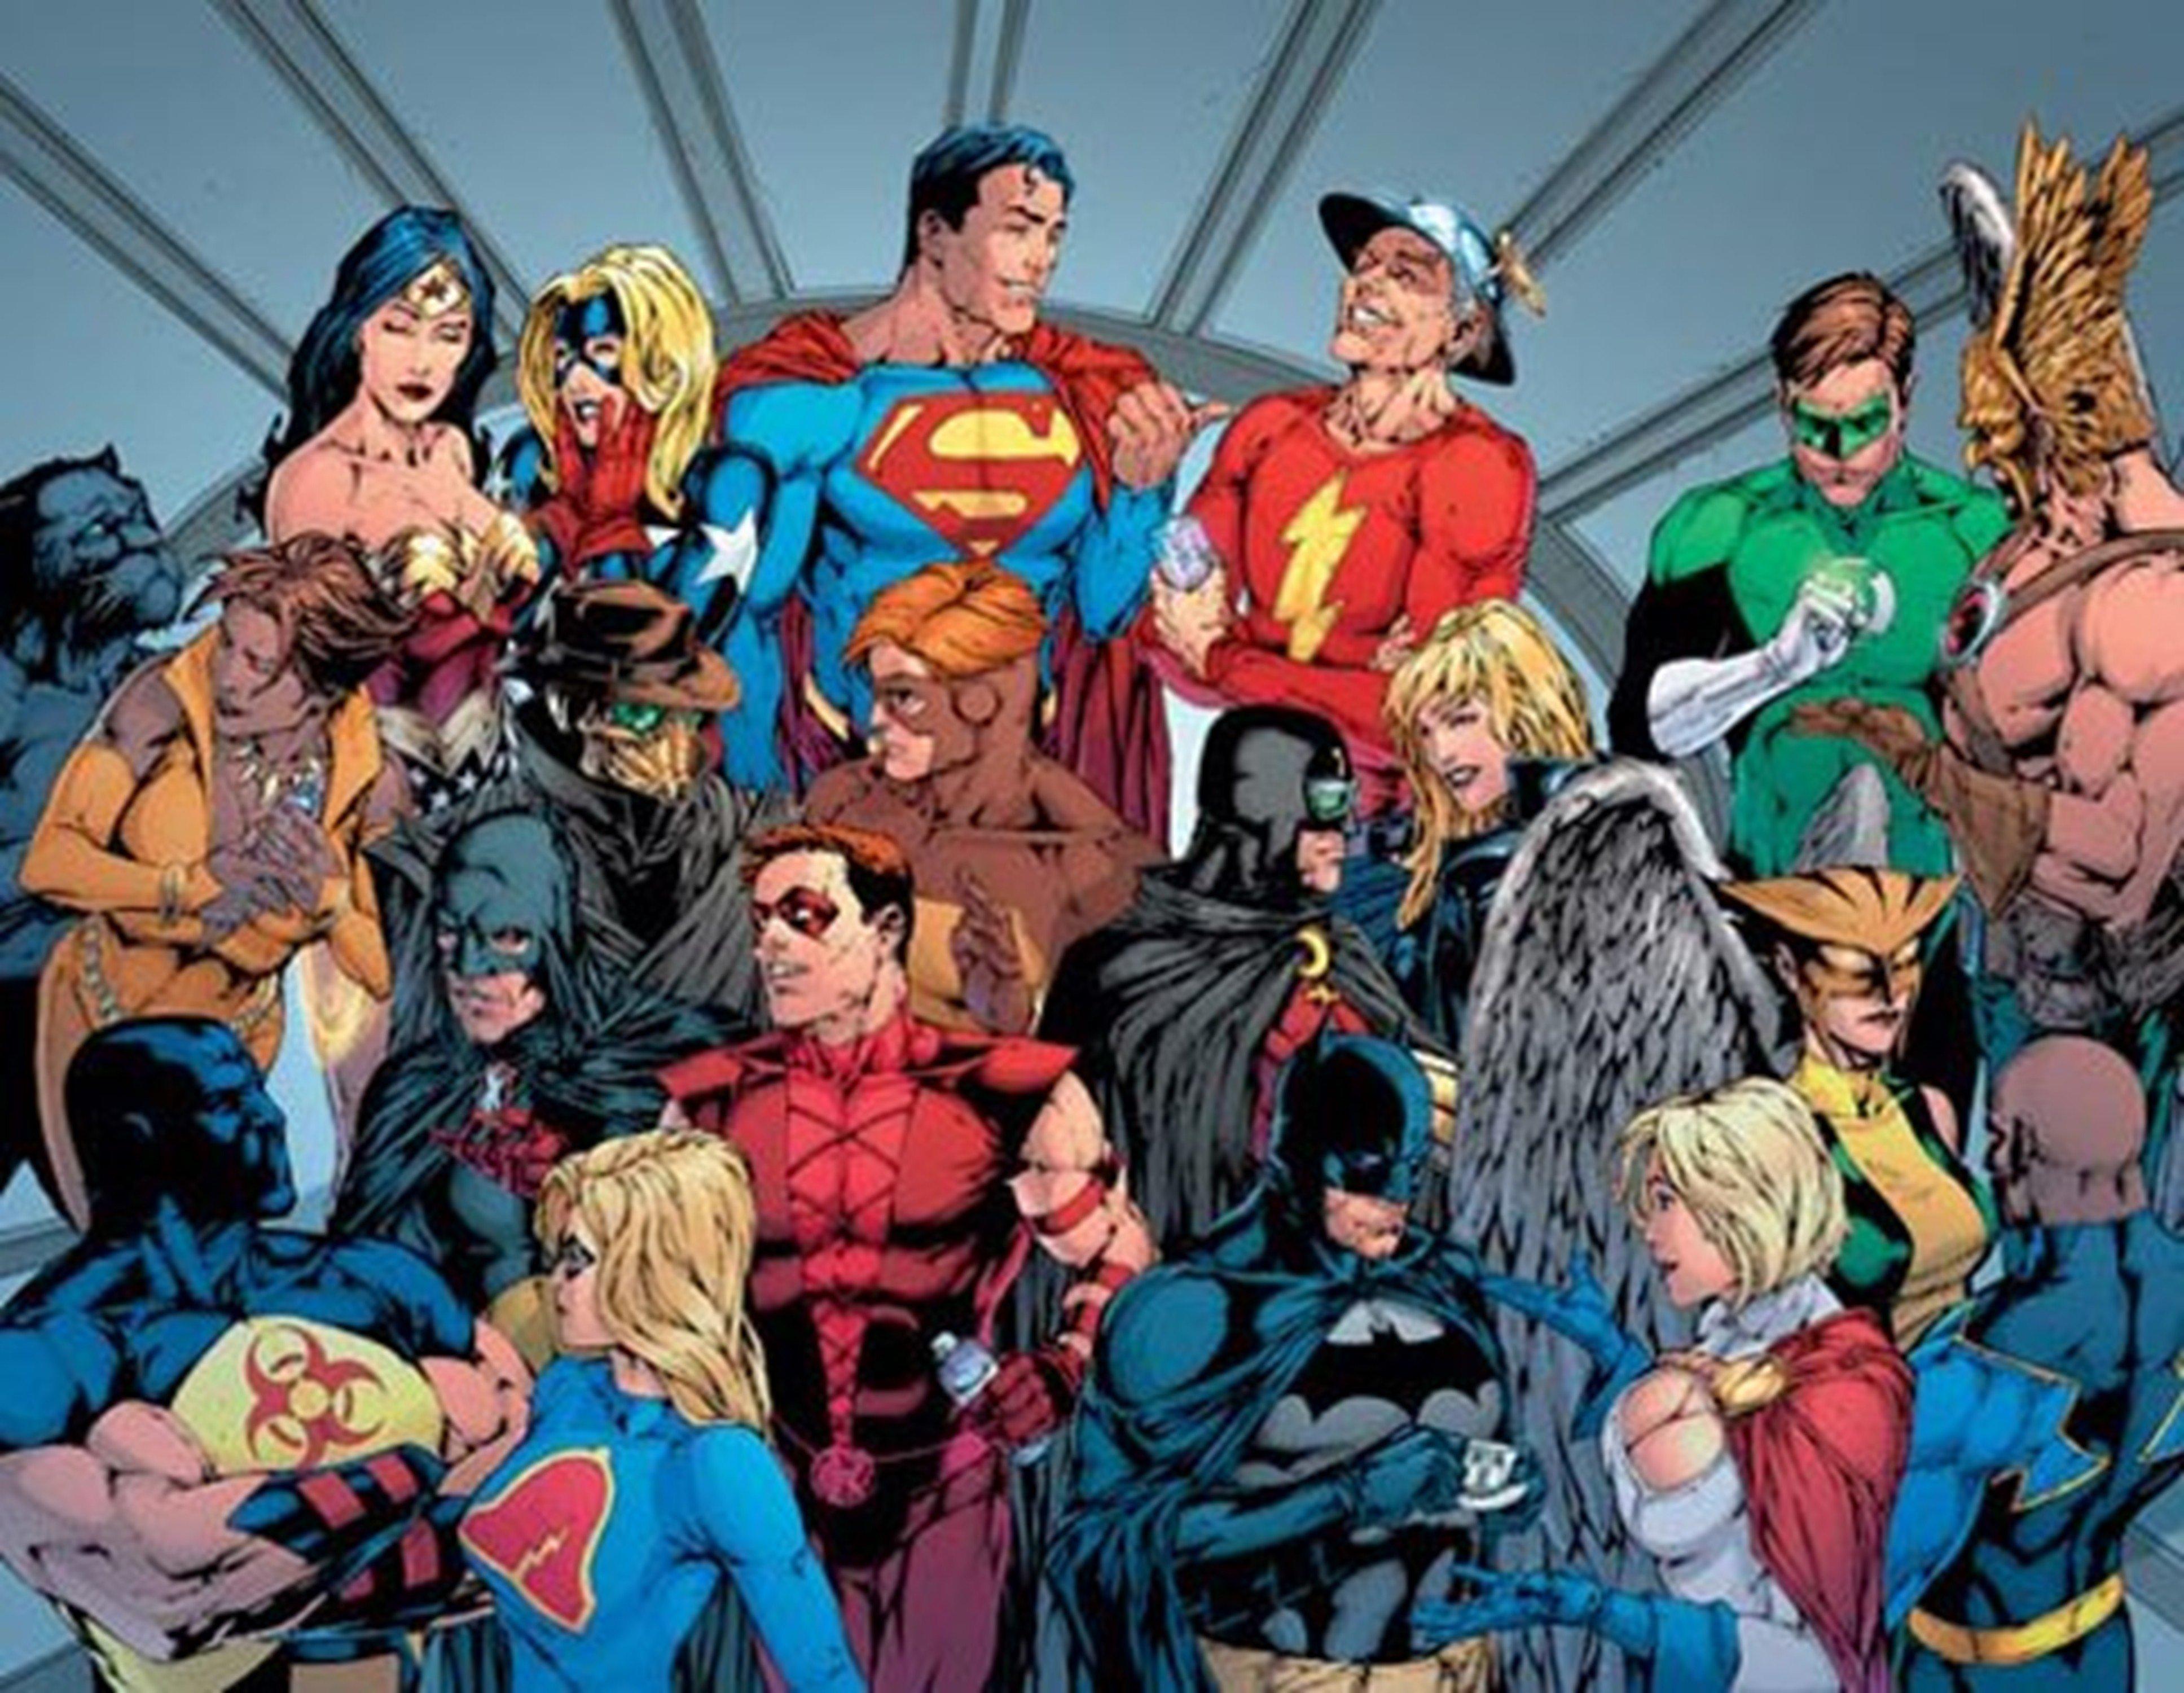 Free Download Dc Comics Justice League Superheroes Comics